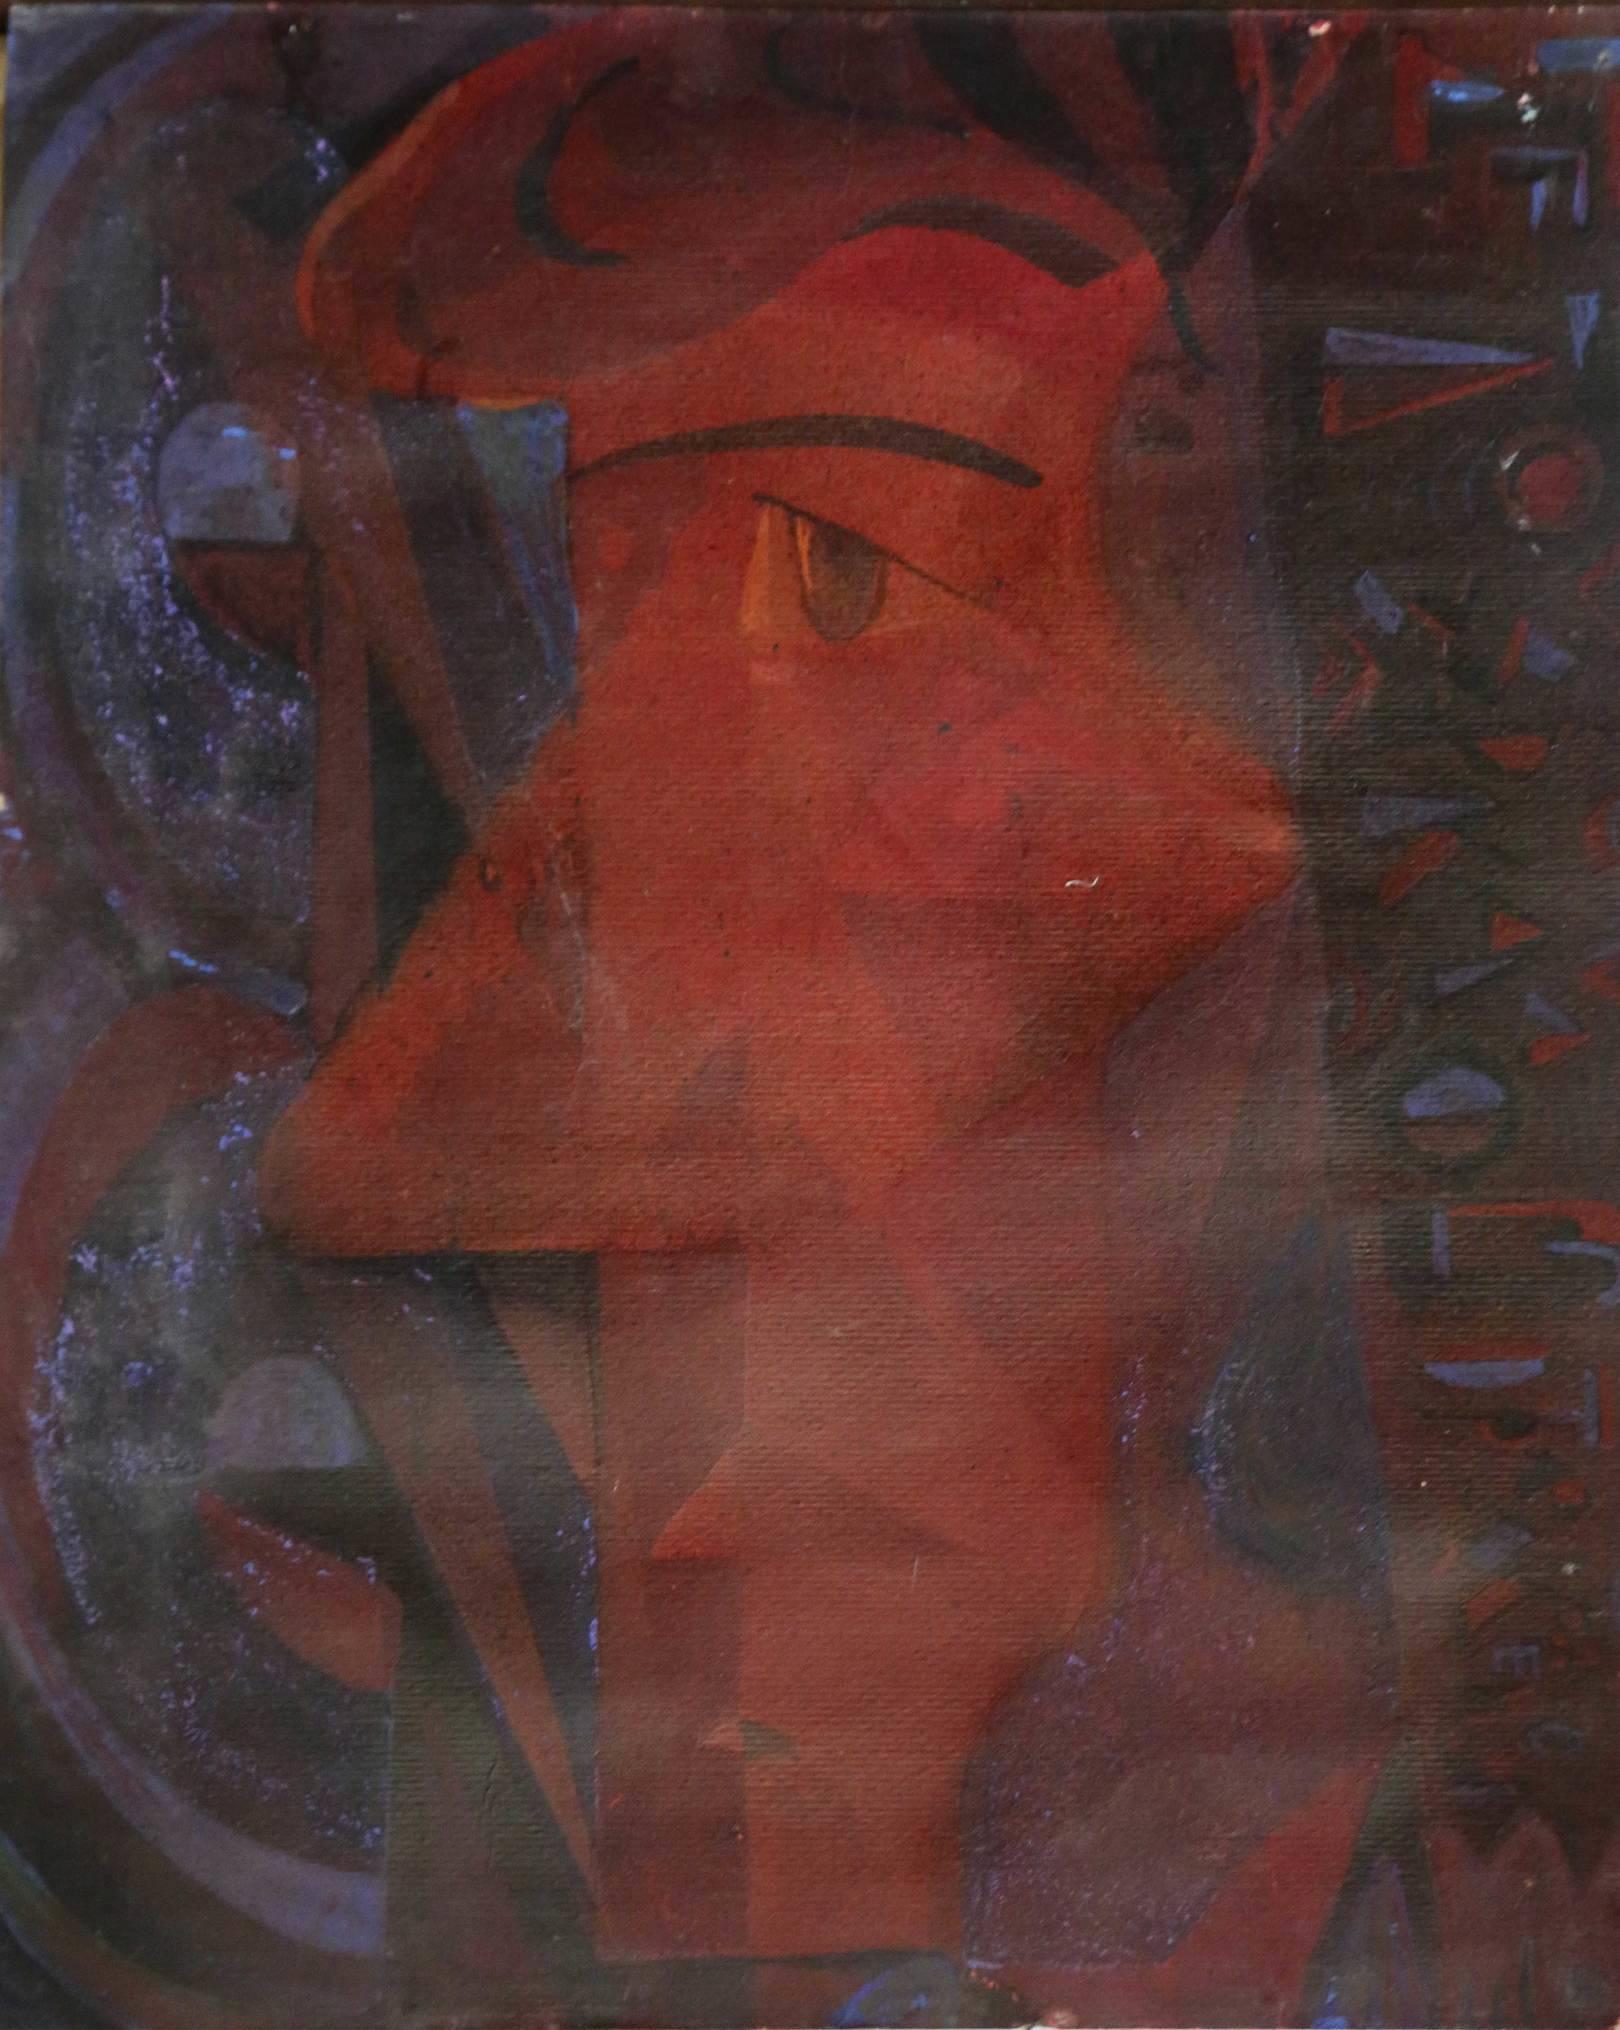 Когда тебе придется туго, Найдешь и сто рублей и друга. Себя найти куда трудней, Чем друга или сто рублей...  Загородил полнеба гений, Не по тебе его ступени, Но даже под его стопой Ты должен стать самим собой...  Найдешь и у пророка слово, Но слово лучше у немого, И ярче краска у слепца, Когда отыскан угол зренья И ты при вспышки озаренья Собой угадан до конца. Арсений Тарковский